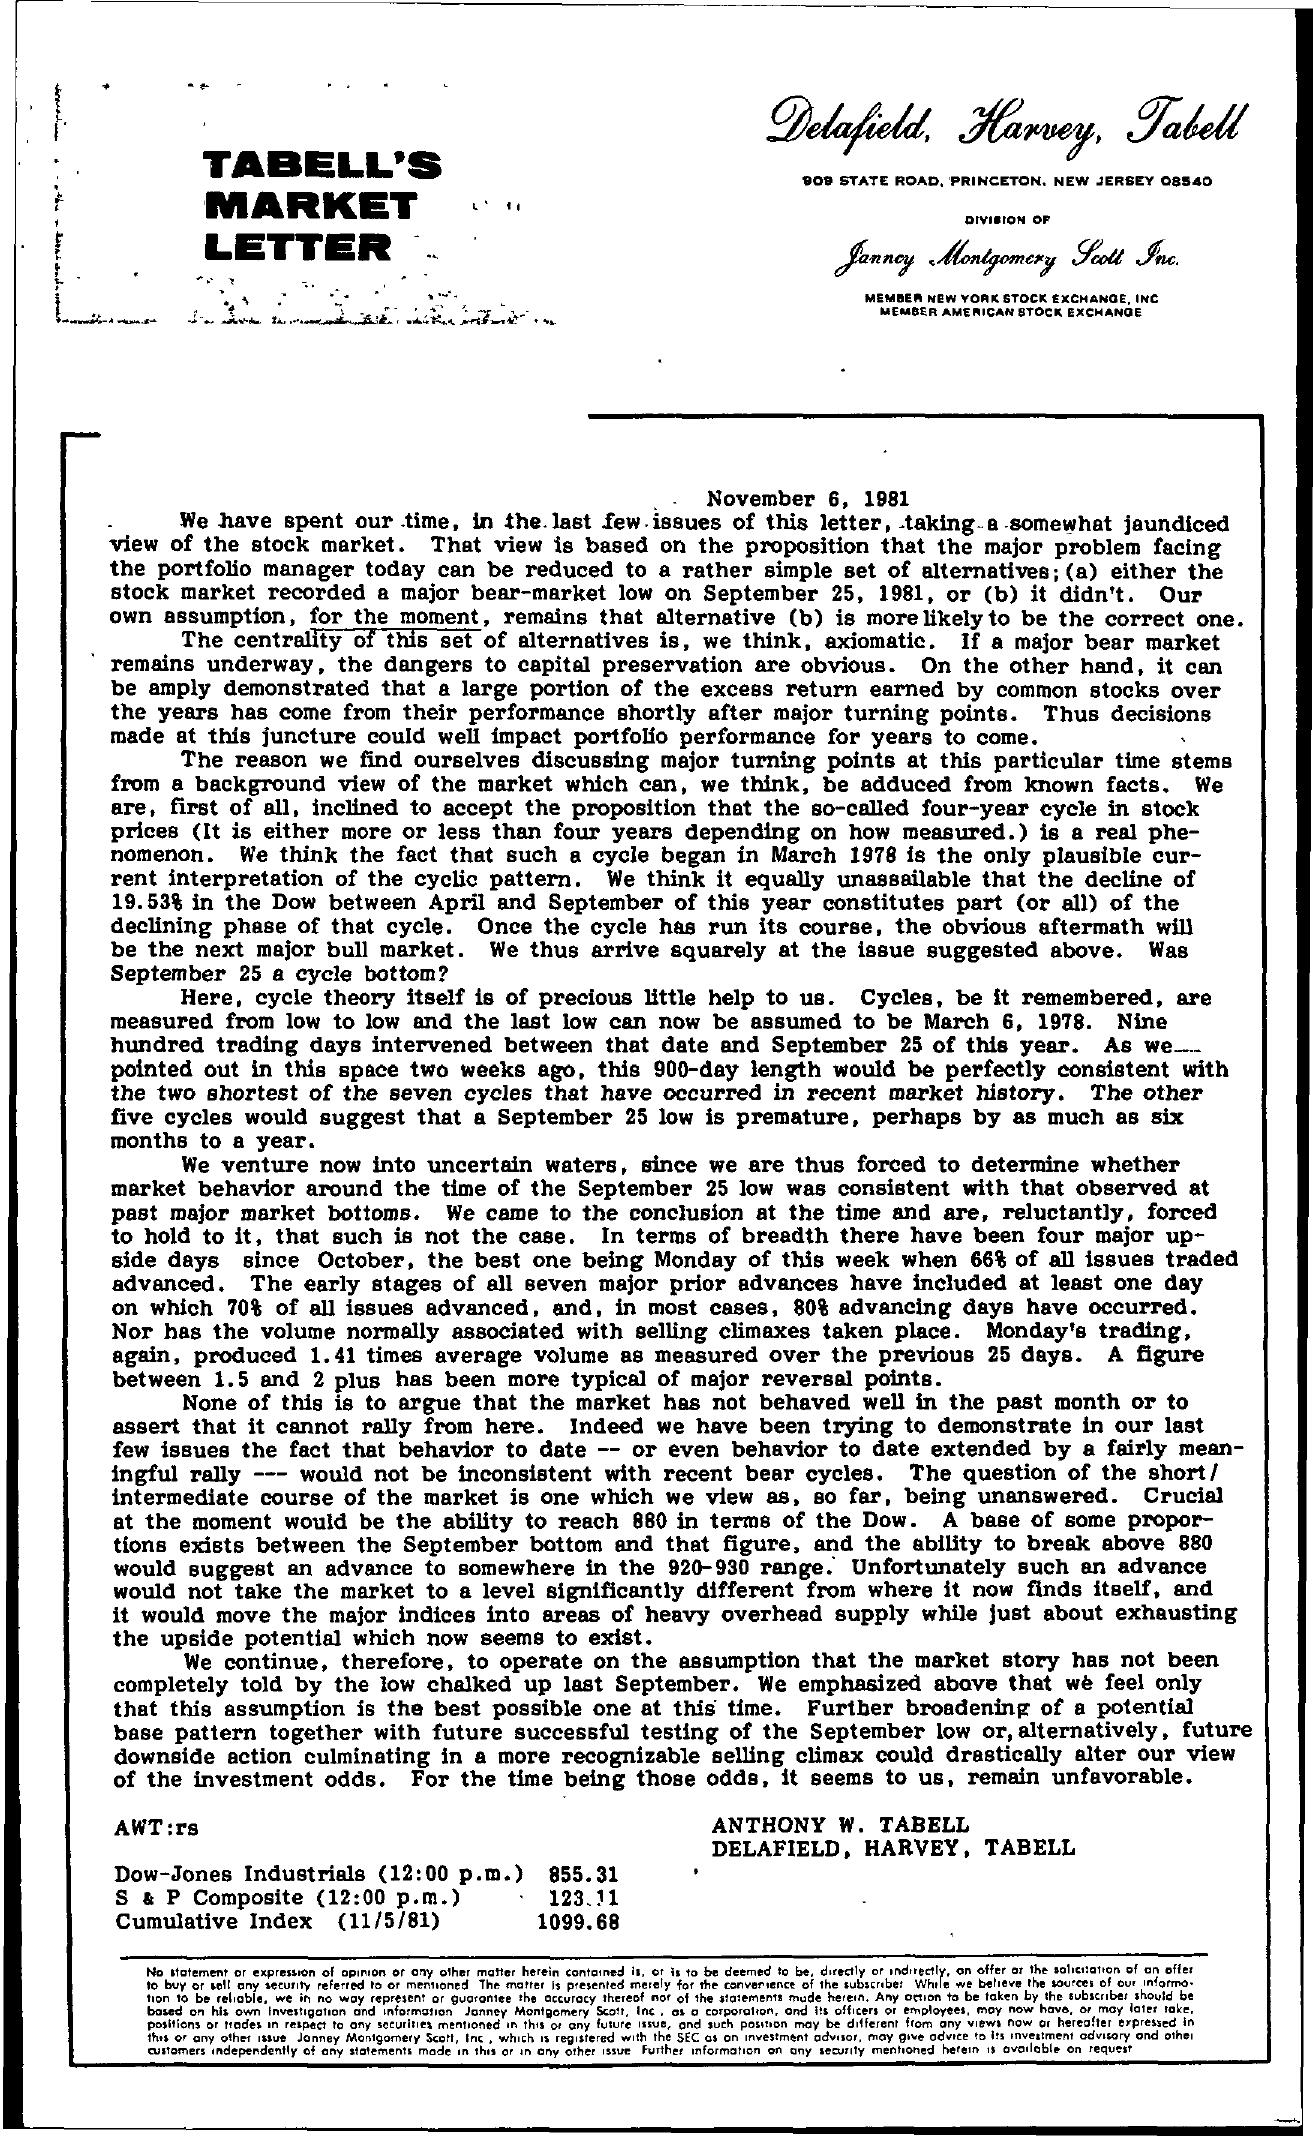 Tabell's Market Letter - November 06, 1981